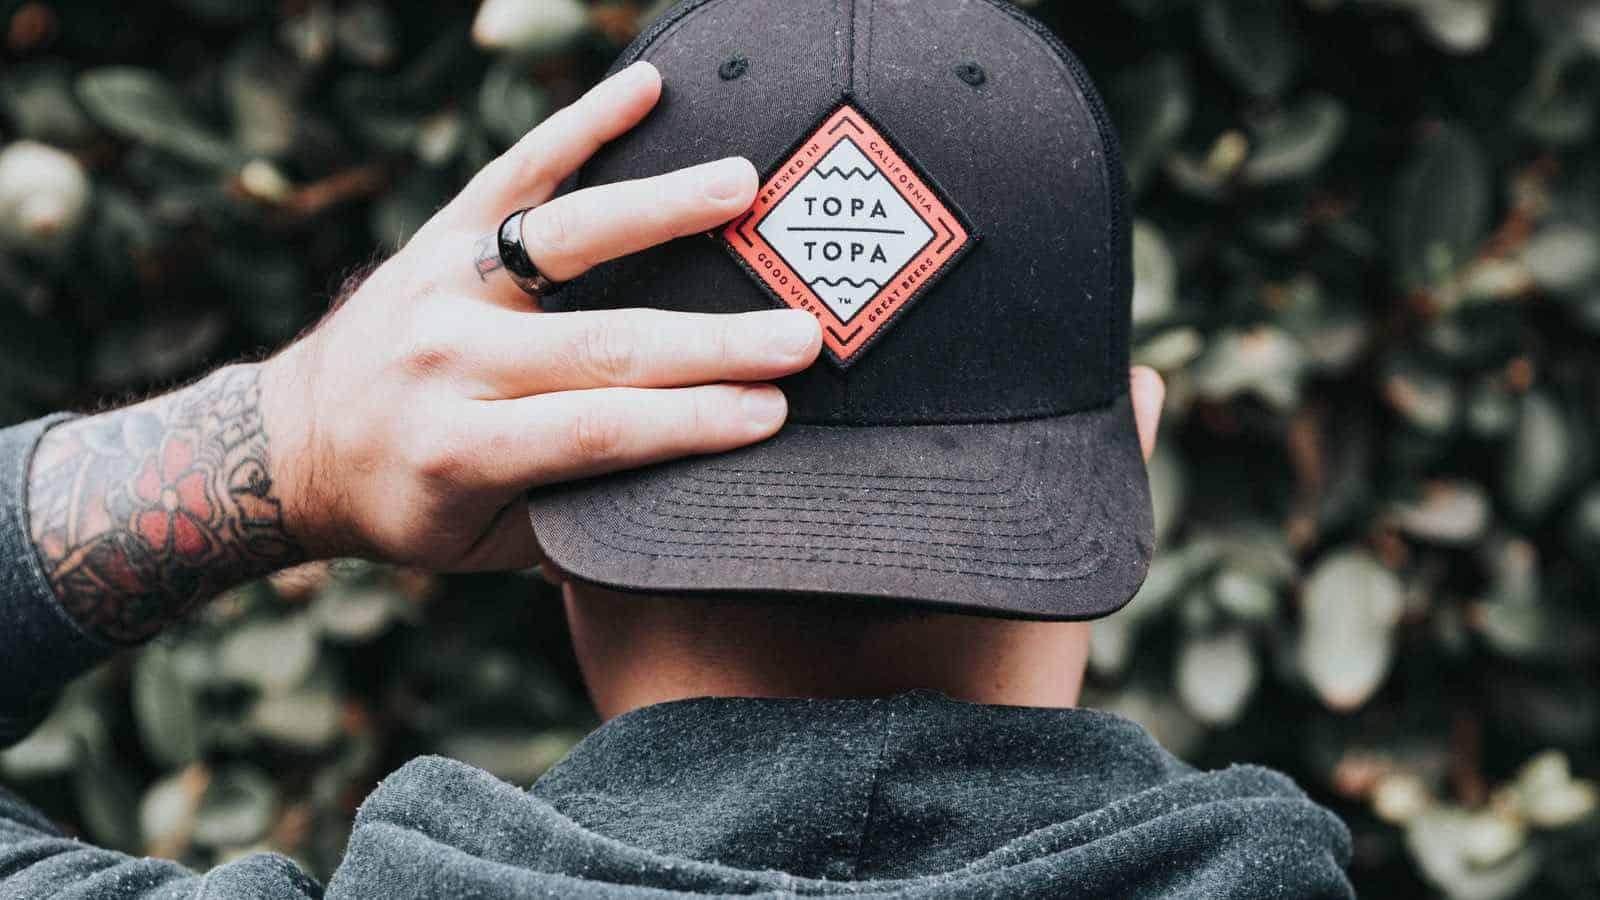 Kann eine Mütze Haarausfall verursachen? Das musst du wissen!